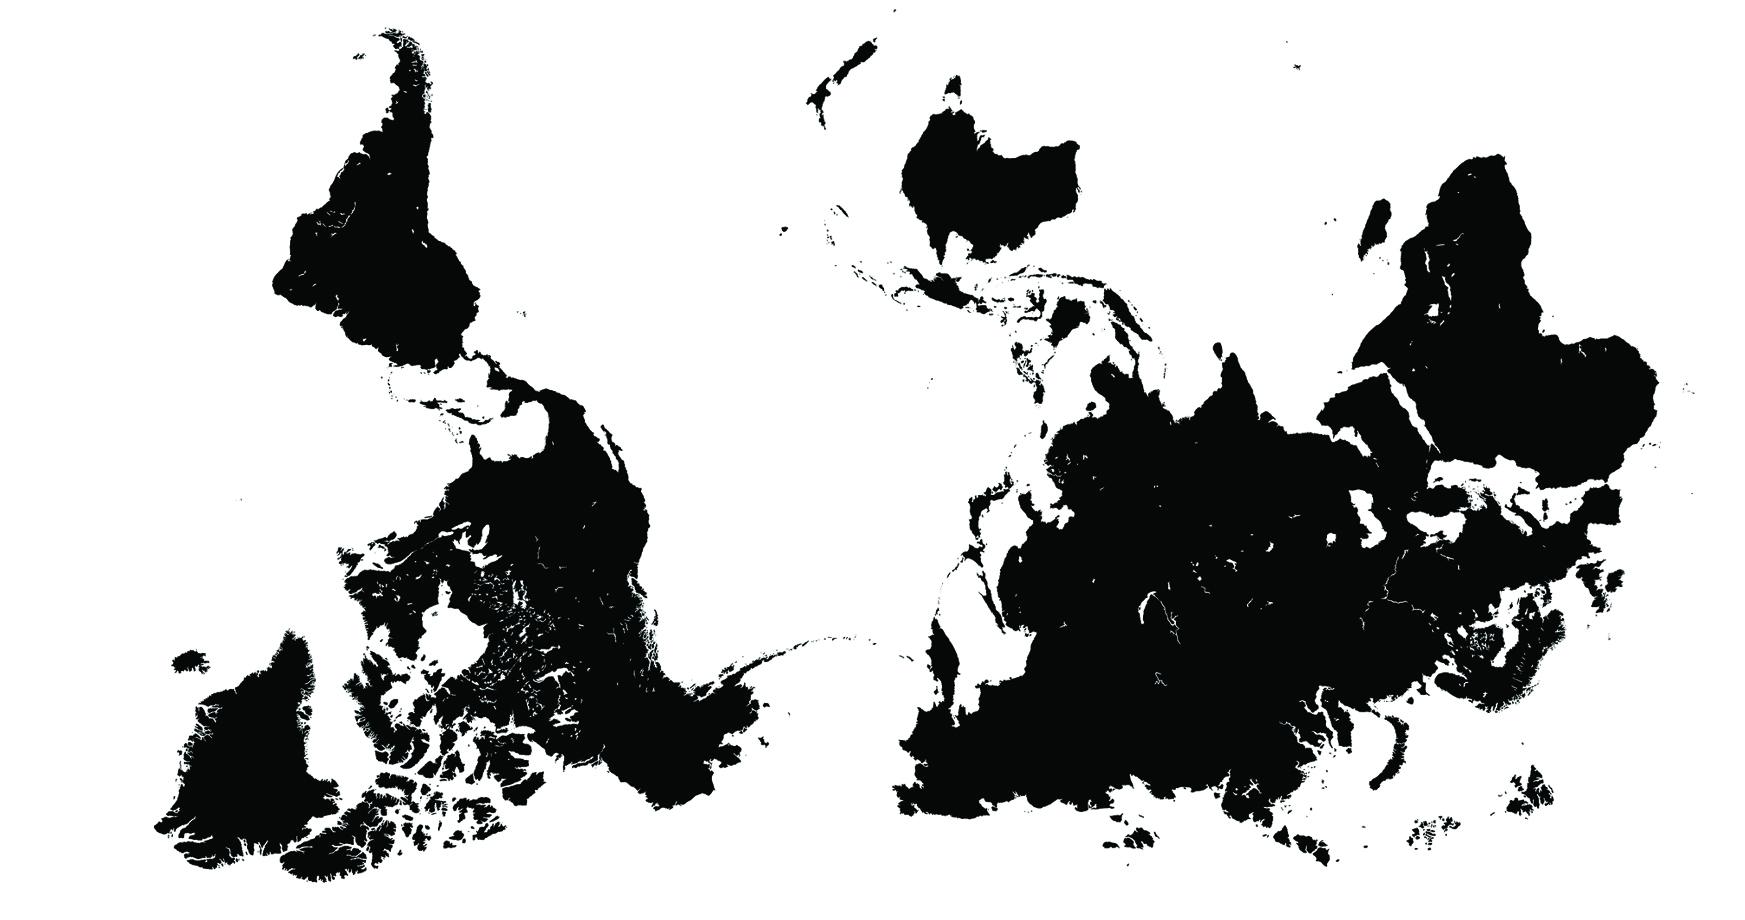 Anti-palíndromo. Cortesía de Felipe Quintero Botero (2017). Tomado del ensayo de Paula Mendez, La Revolución Táctil de las Cartografías